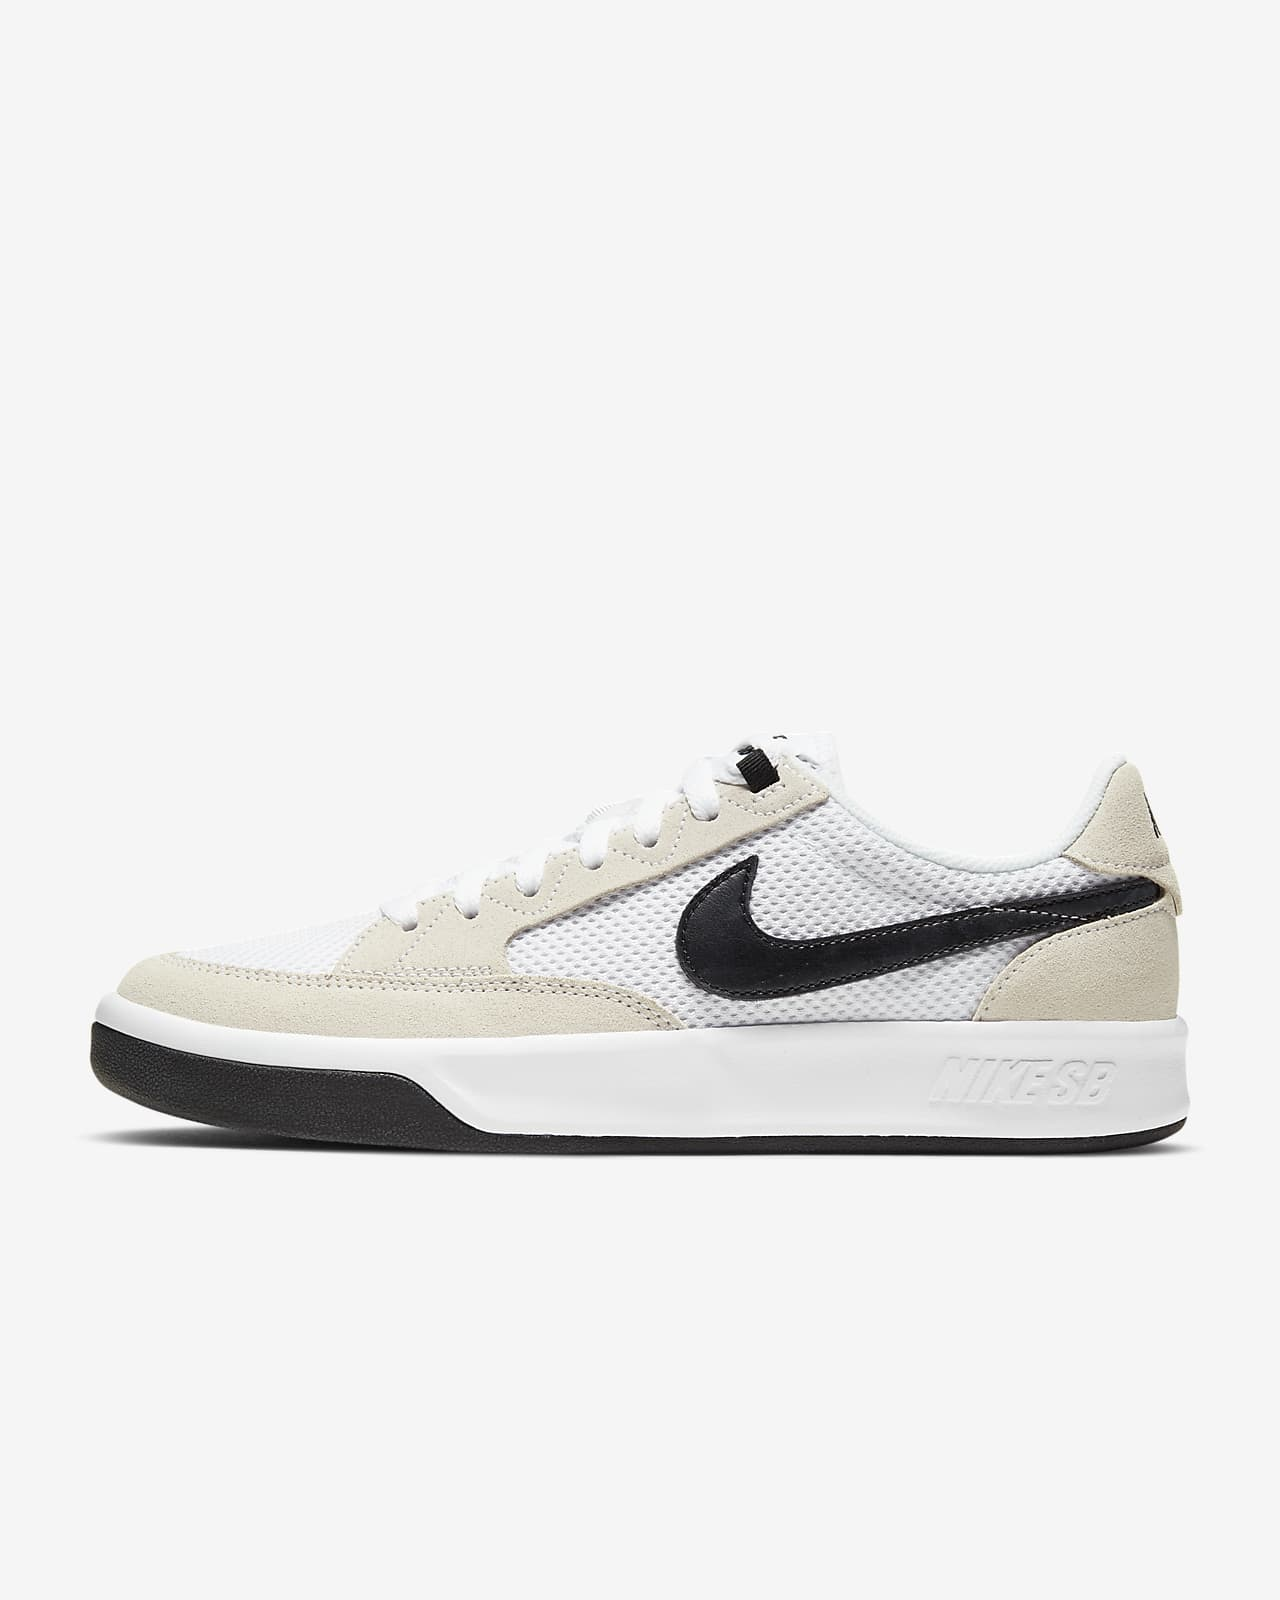 Nike SB Adversary 滑板鞋